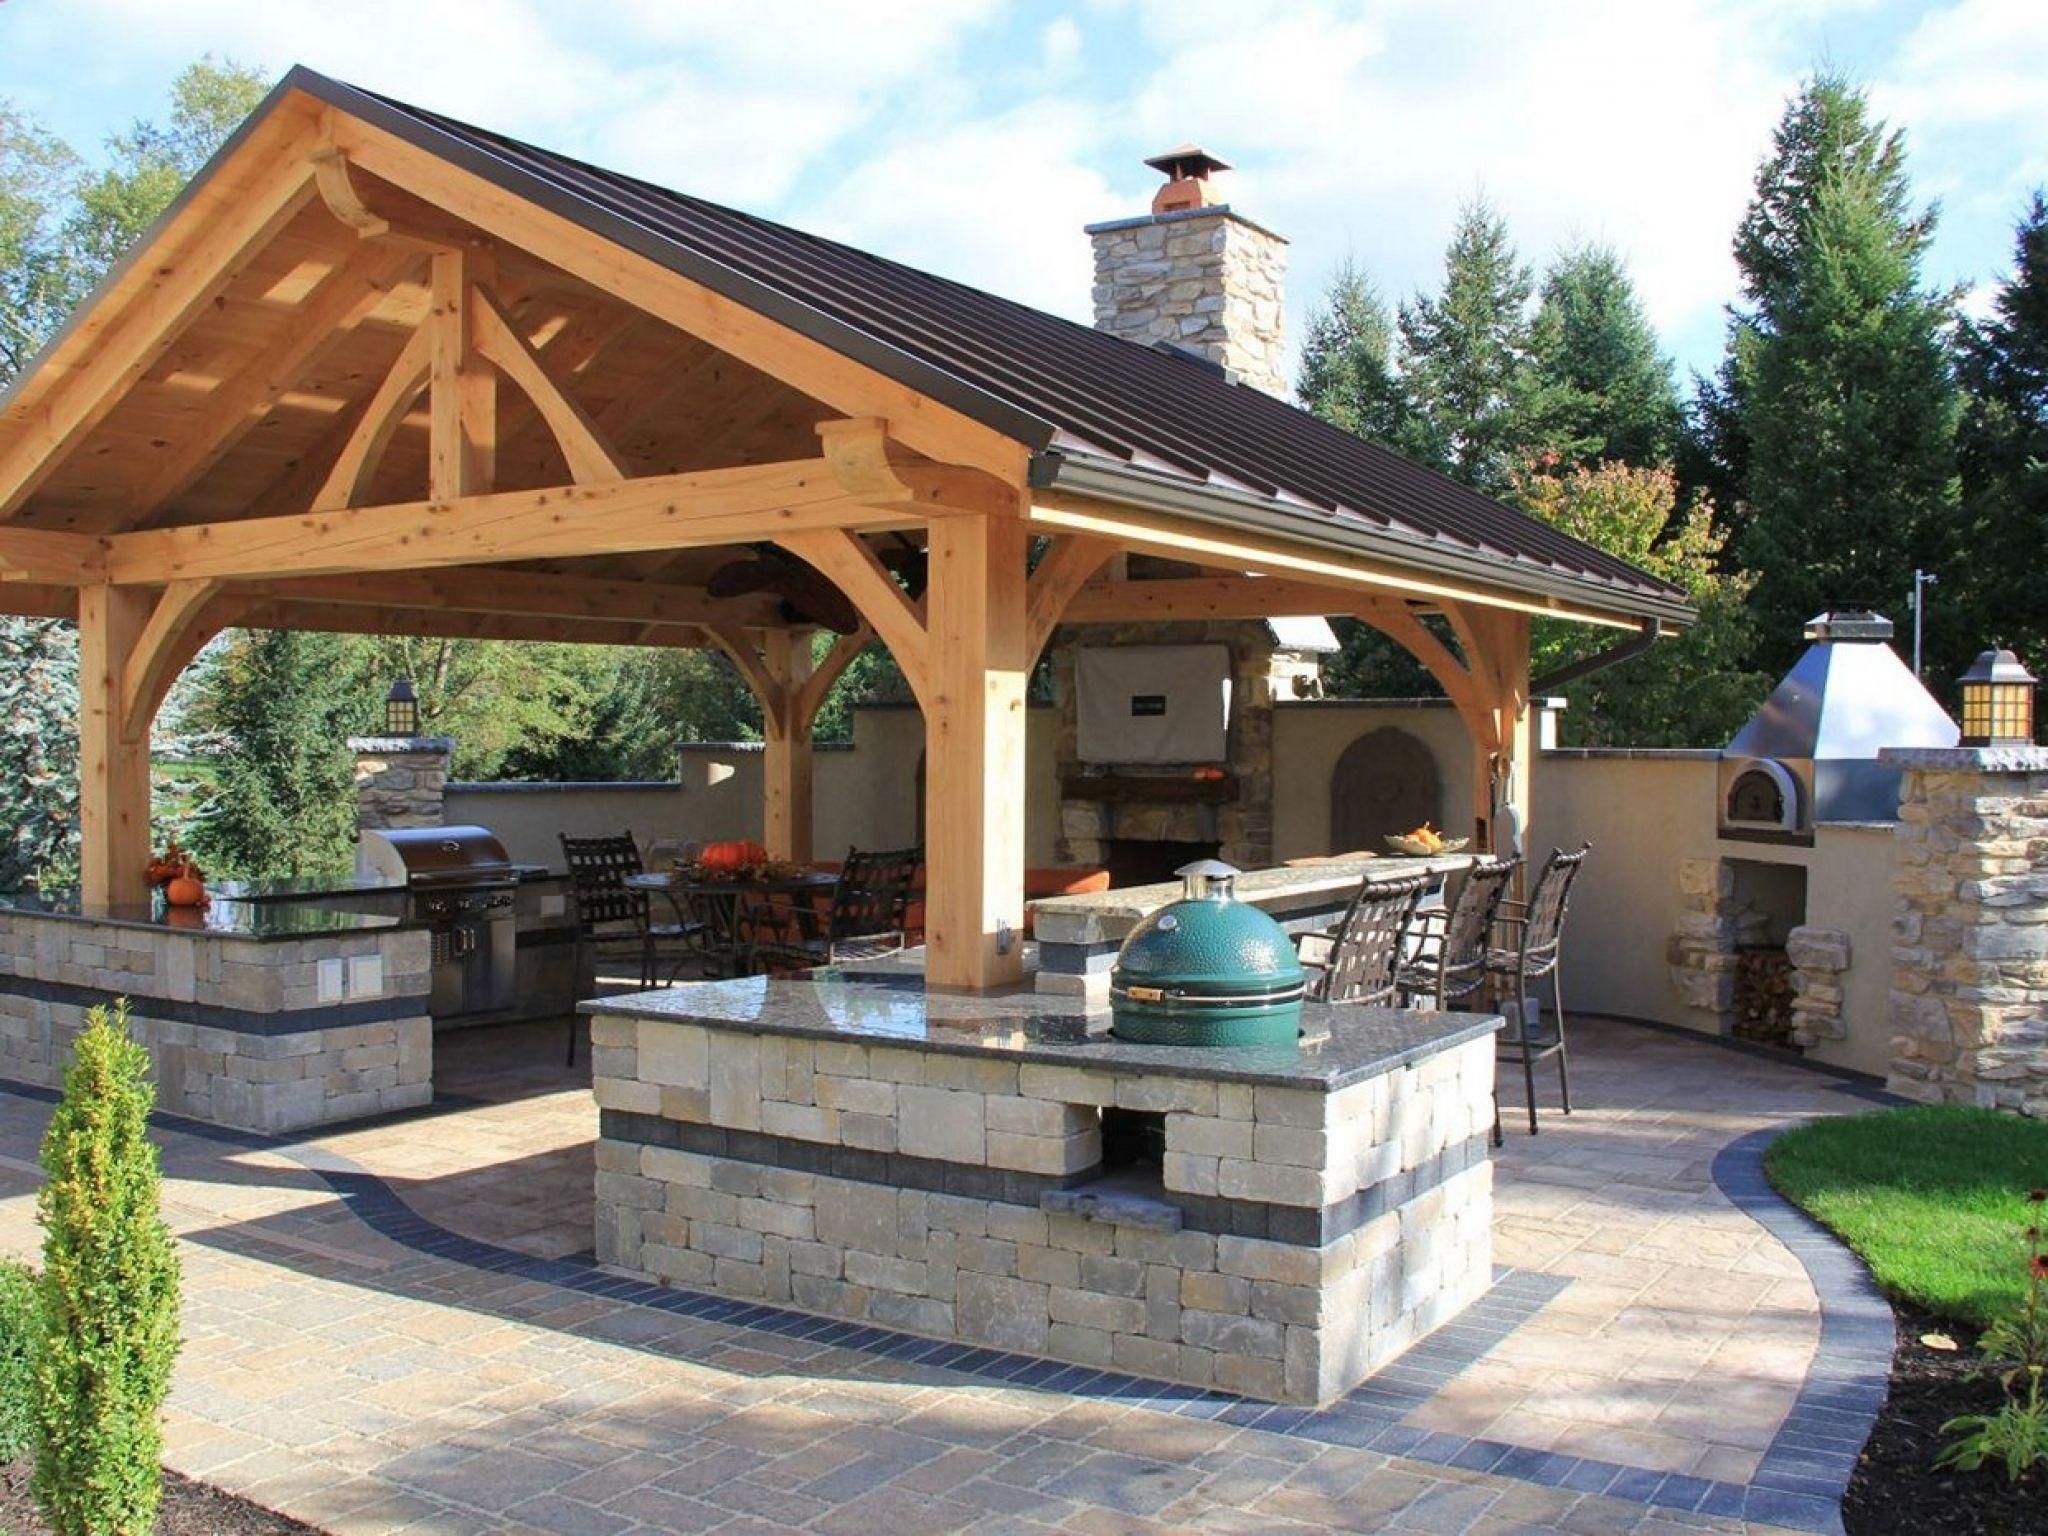 Modern Outdoor Kitchen Designs  Best Interior Wall Paint Check Best Patio Kitchen Designs Inspiration Design